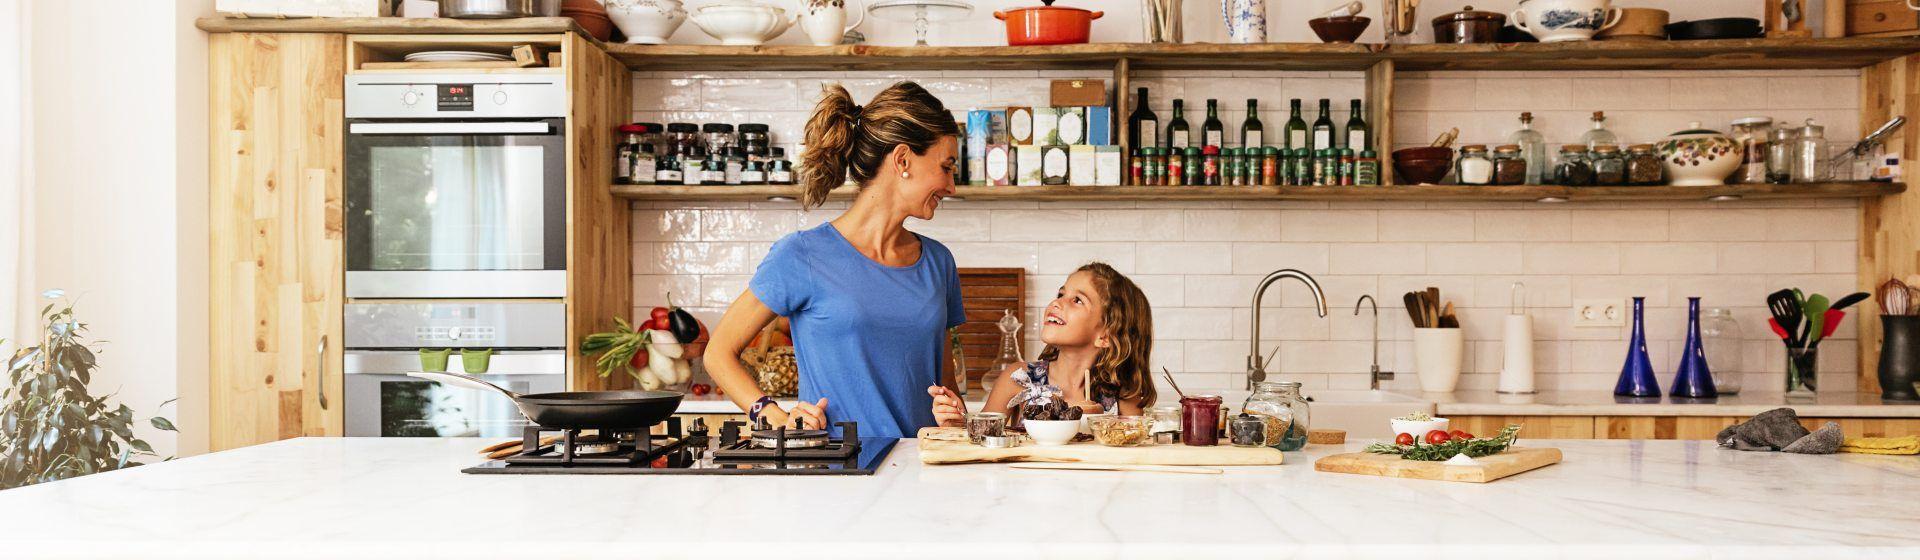 Presente para Dia das Mães: 15 opções para as chefs de cozinha